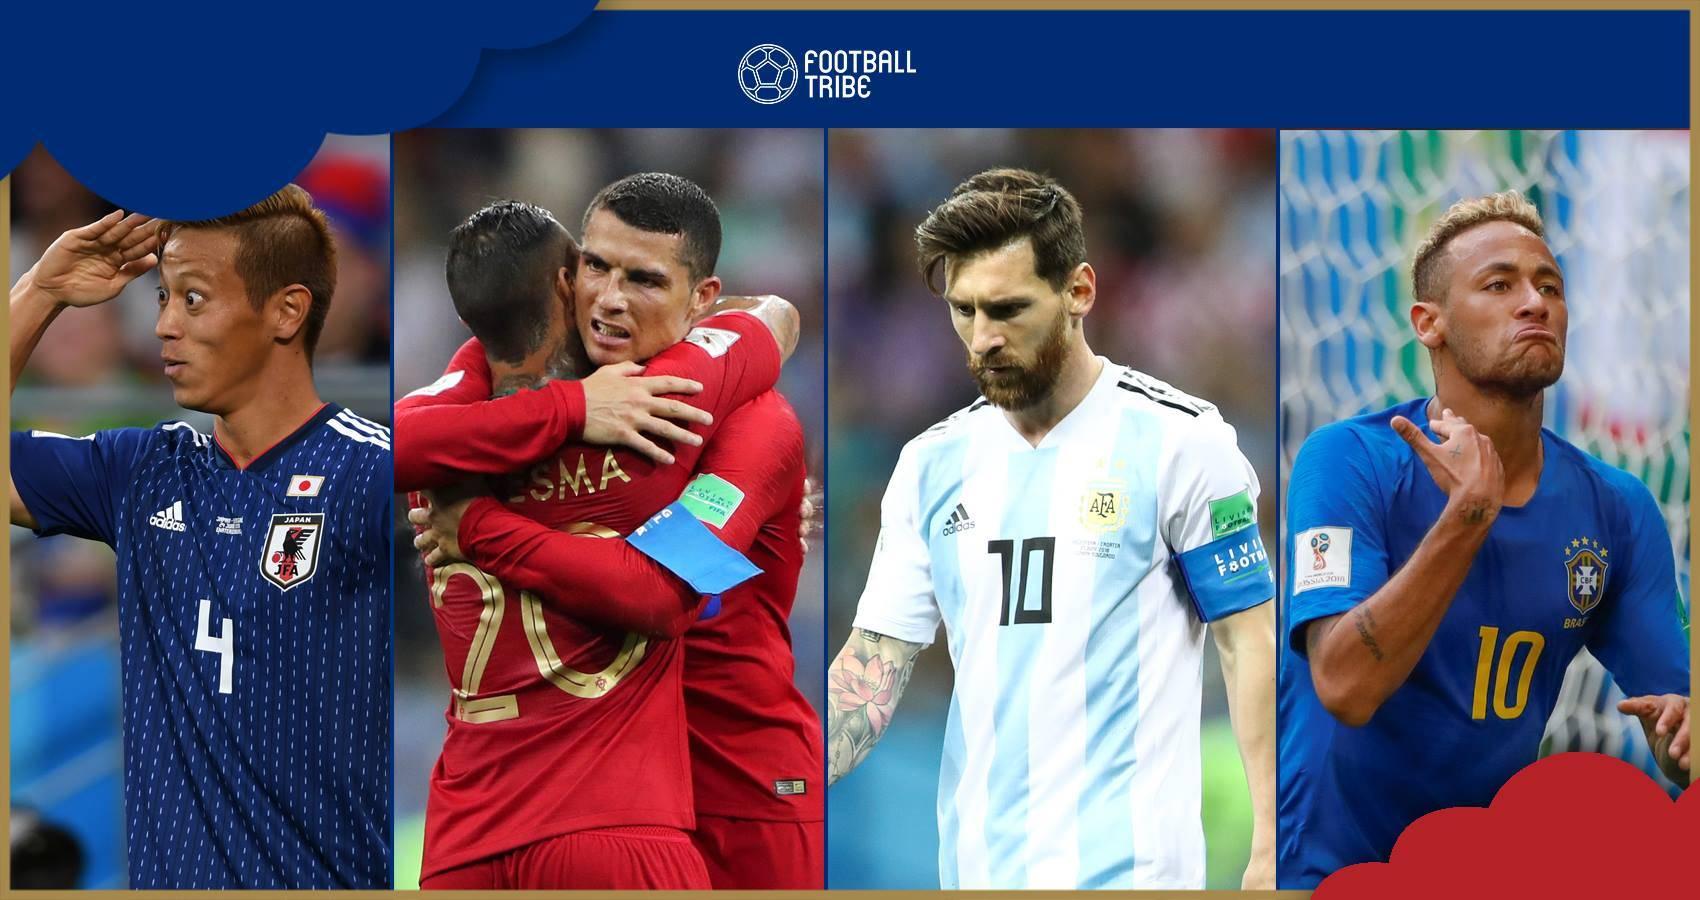 ใครลุ้น-ใครร่วง: เปิดเงื่อนไขเข้ารอบน็อคเอาท์ทุกกลุ่มฟุตบอลโลก 2018